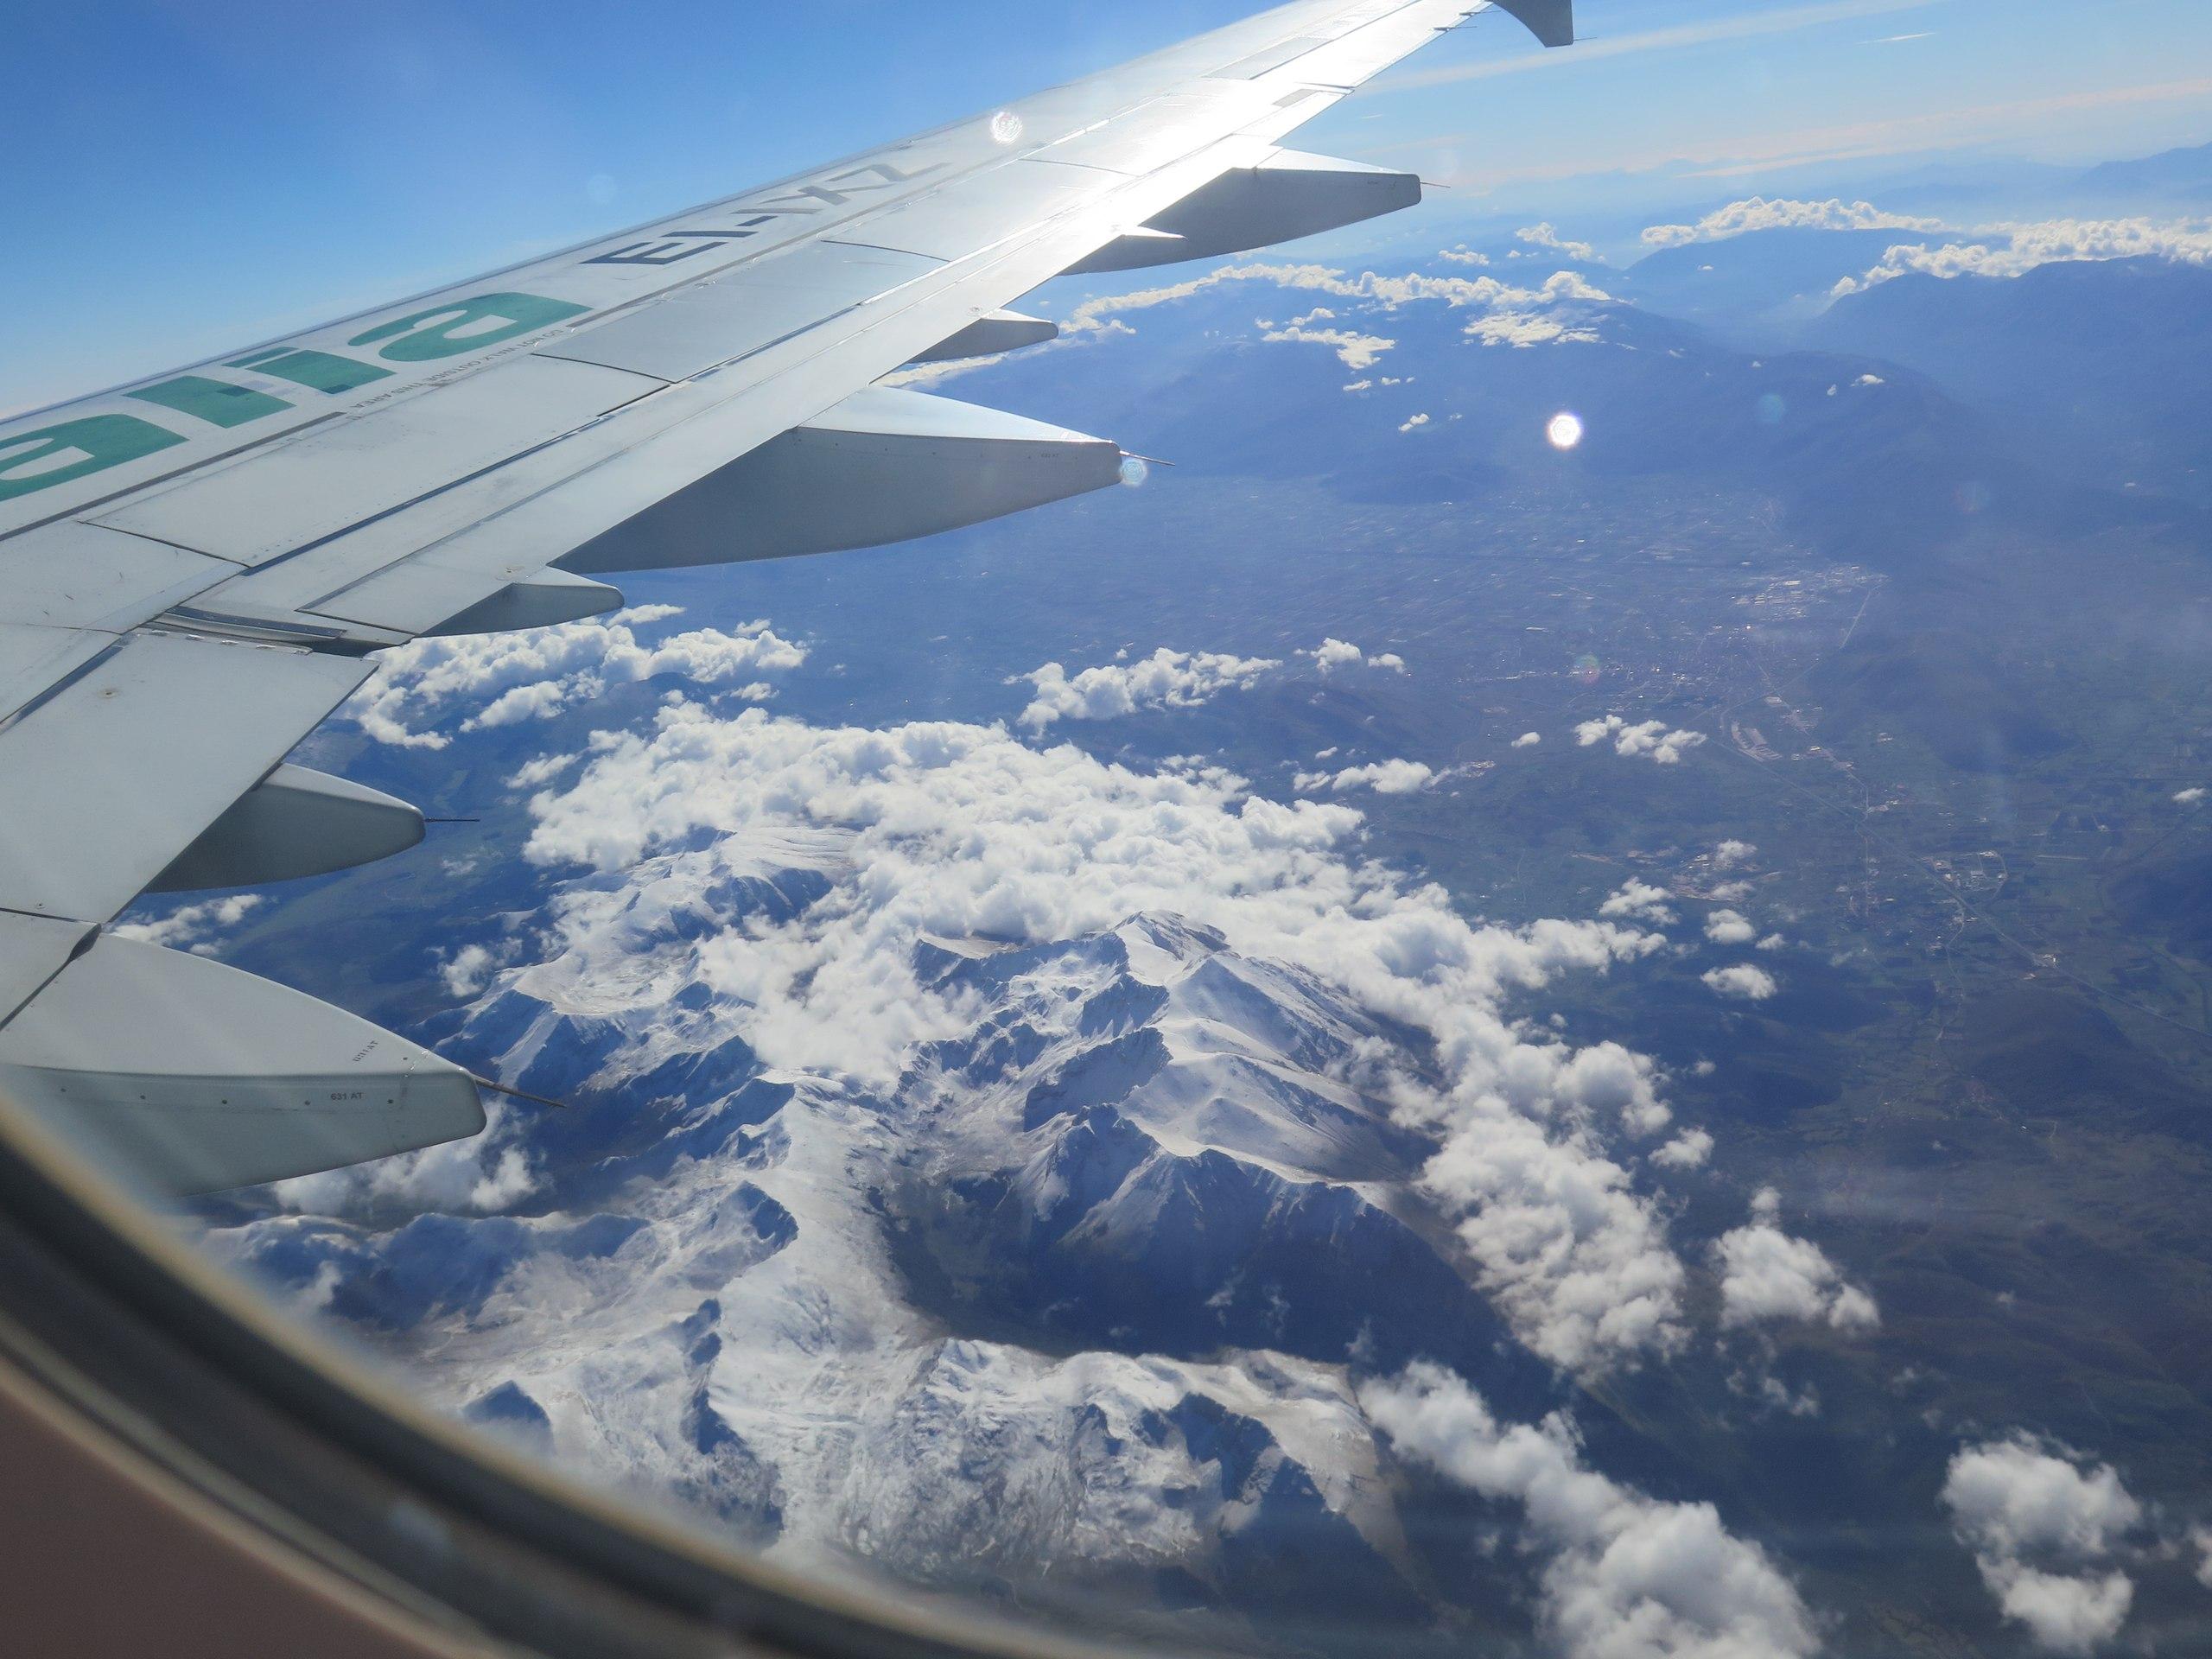 Картинки вид с самолета на землю, анимация черепаха открытки